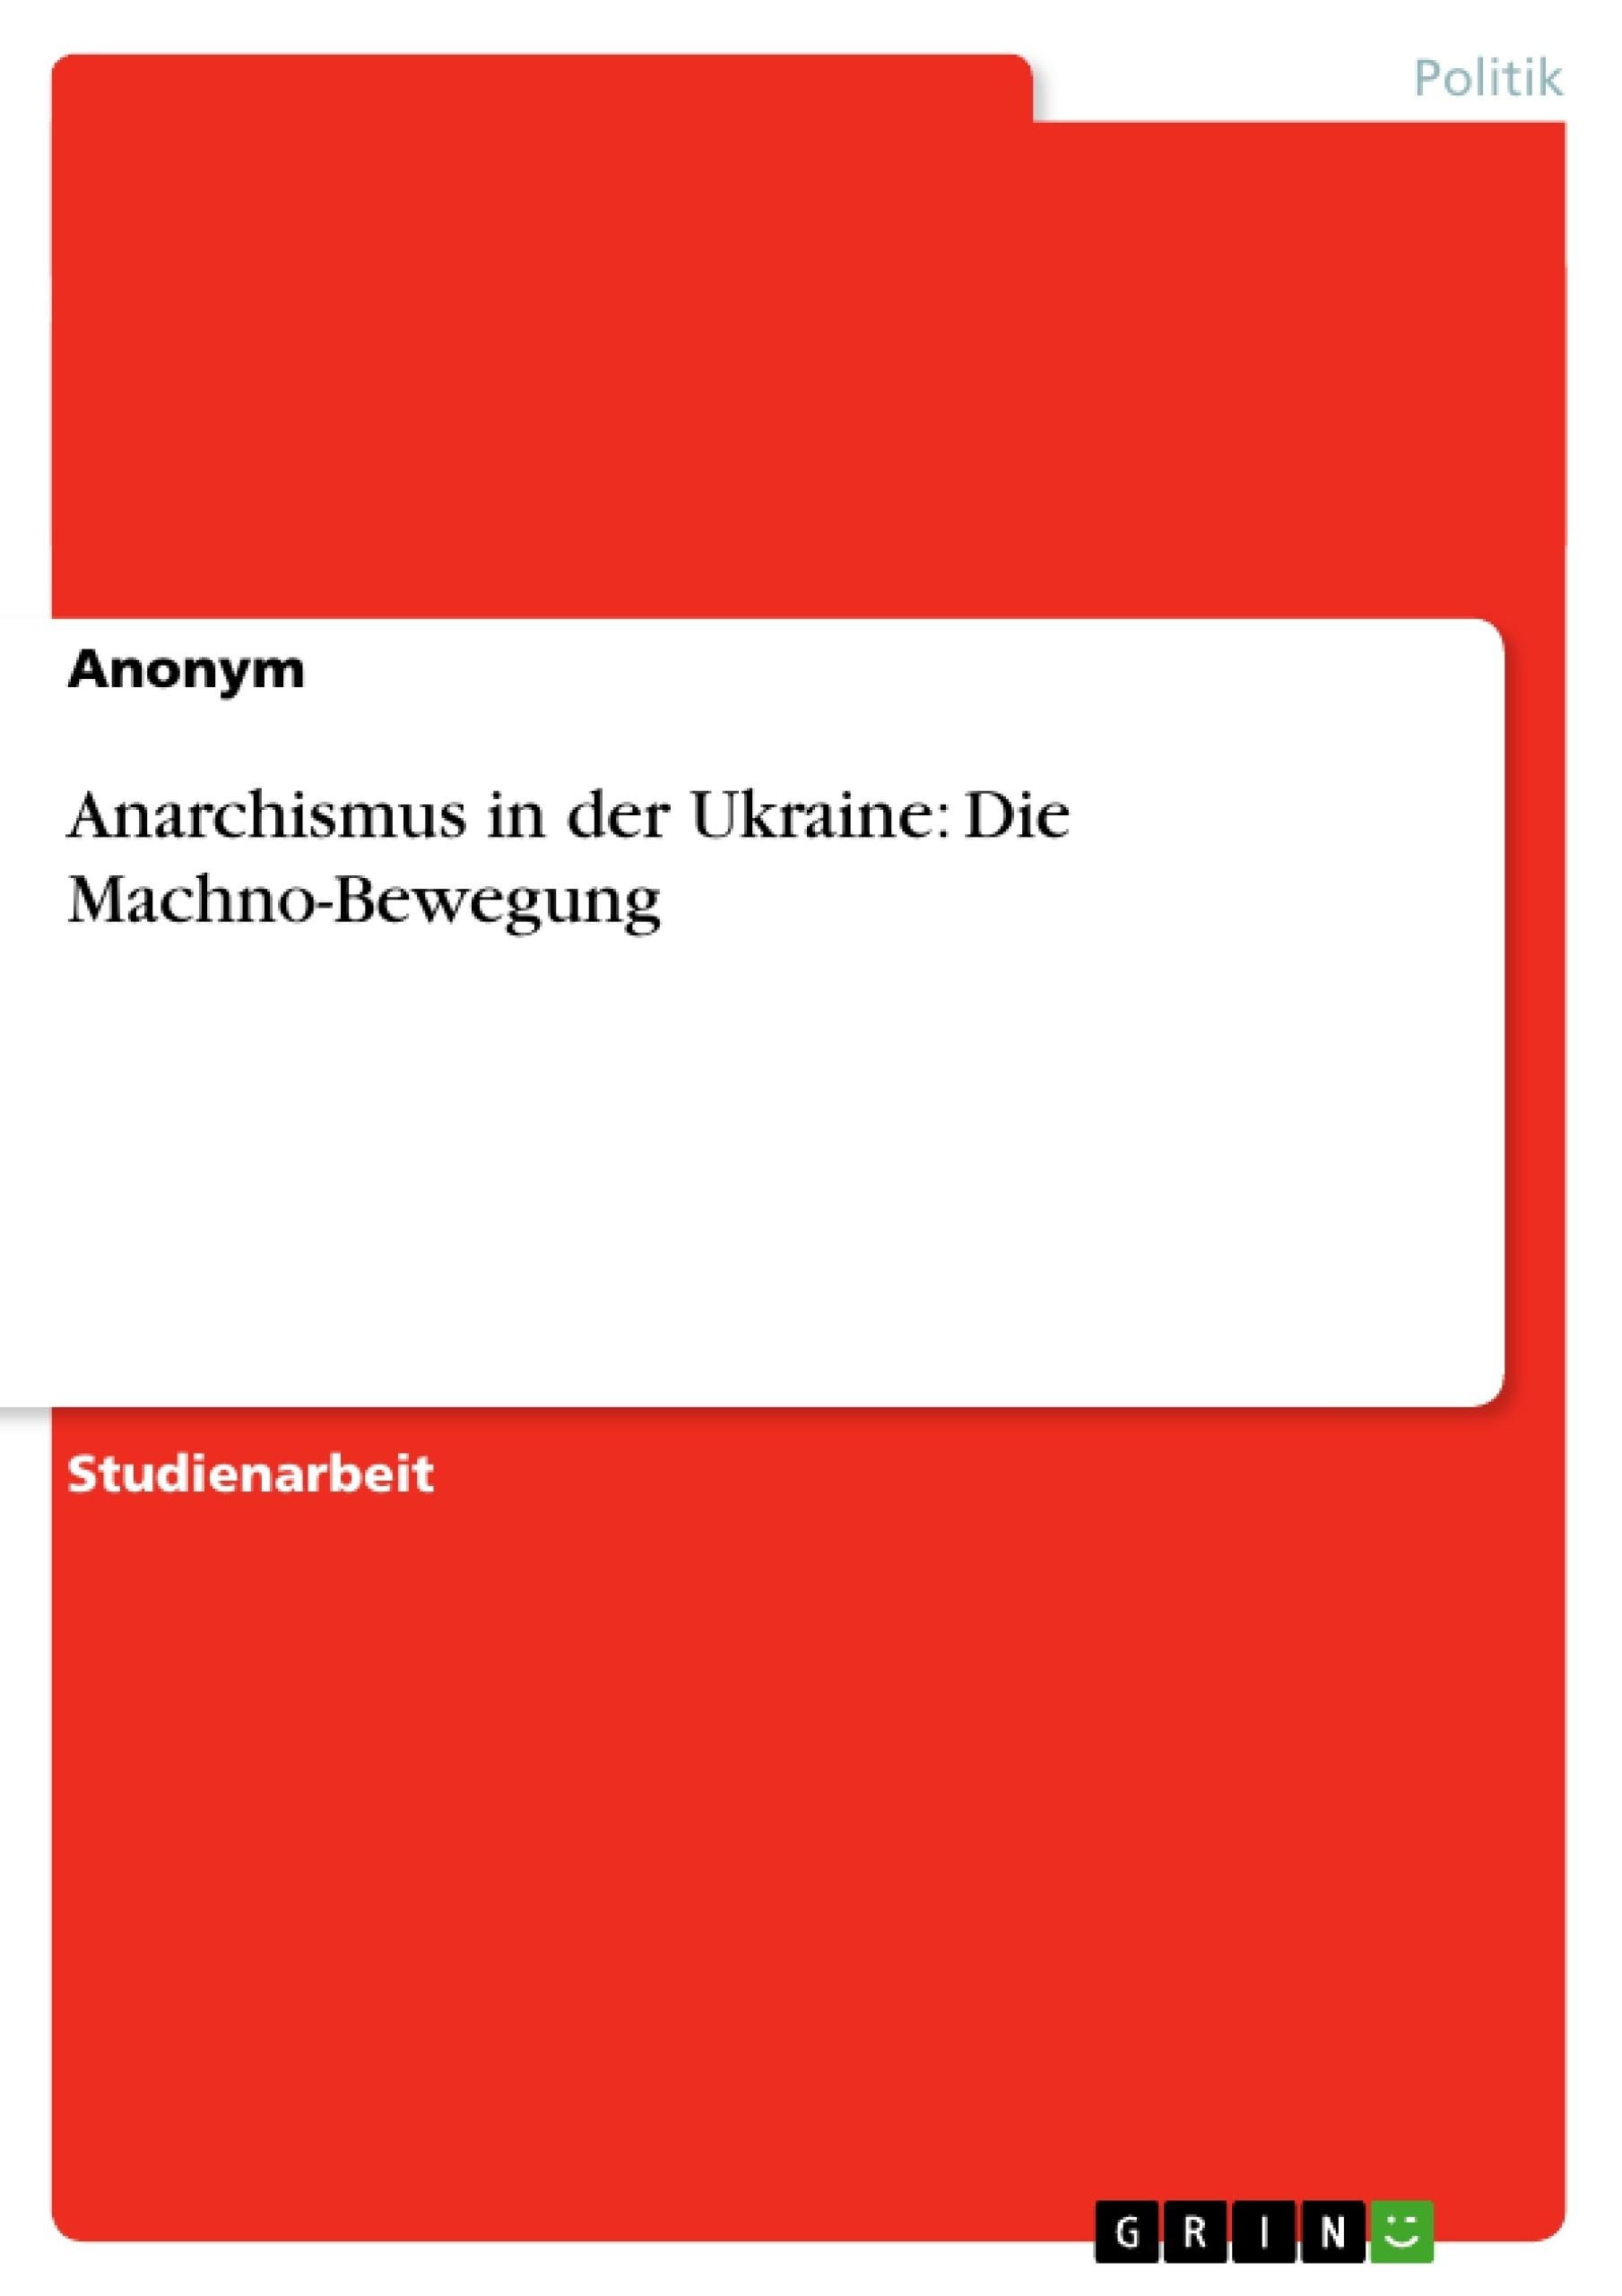 Titel: Anarchismus in der Ukraine: Die Machno-Bewegung